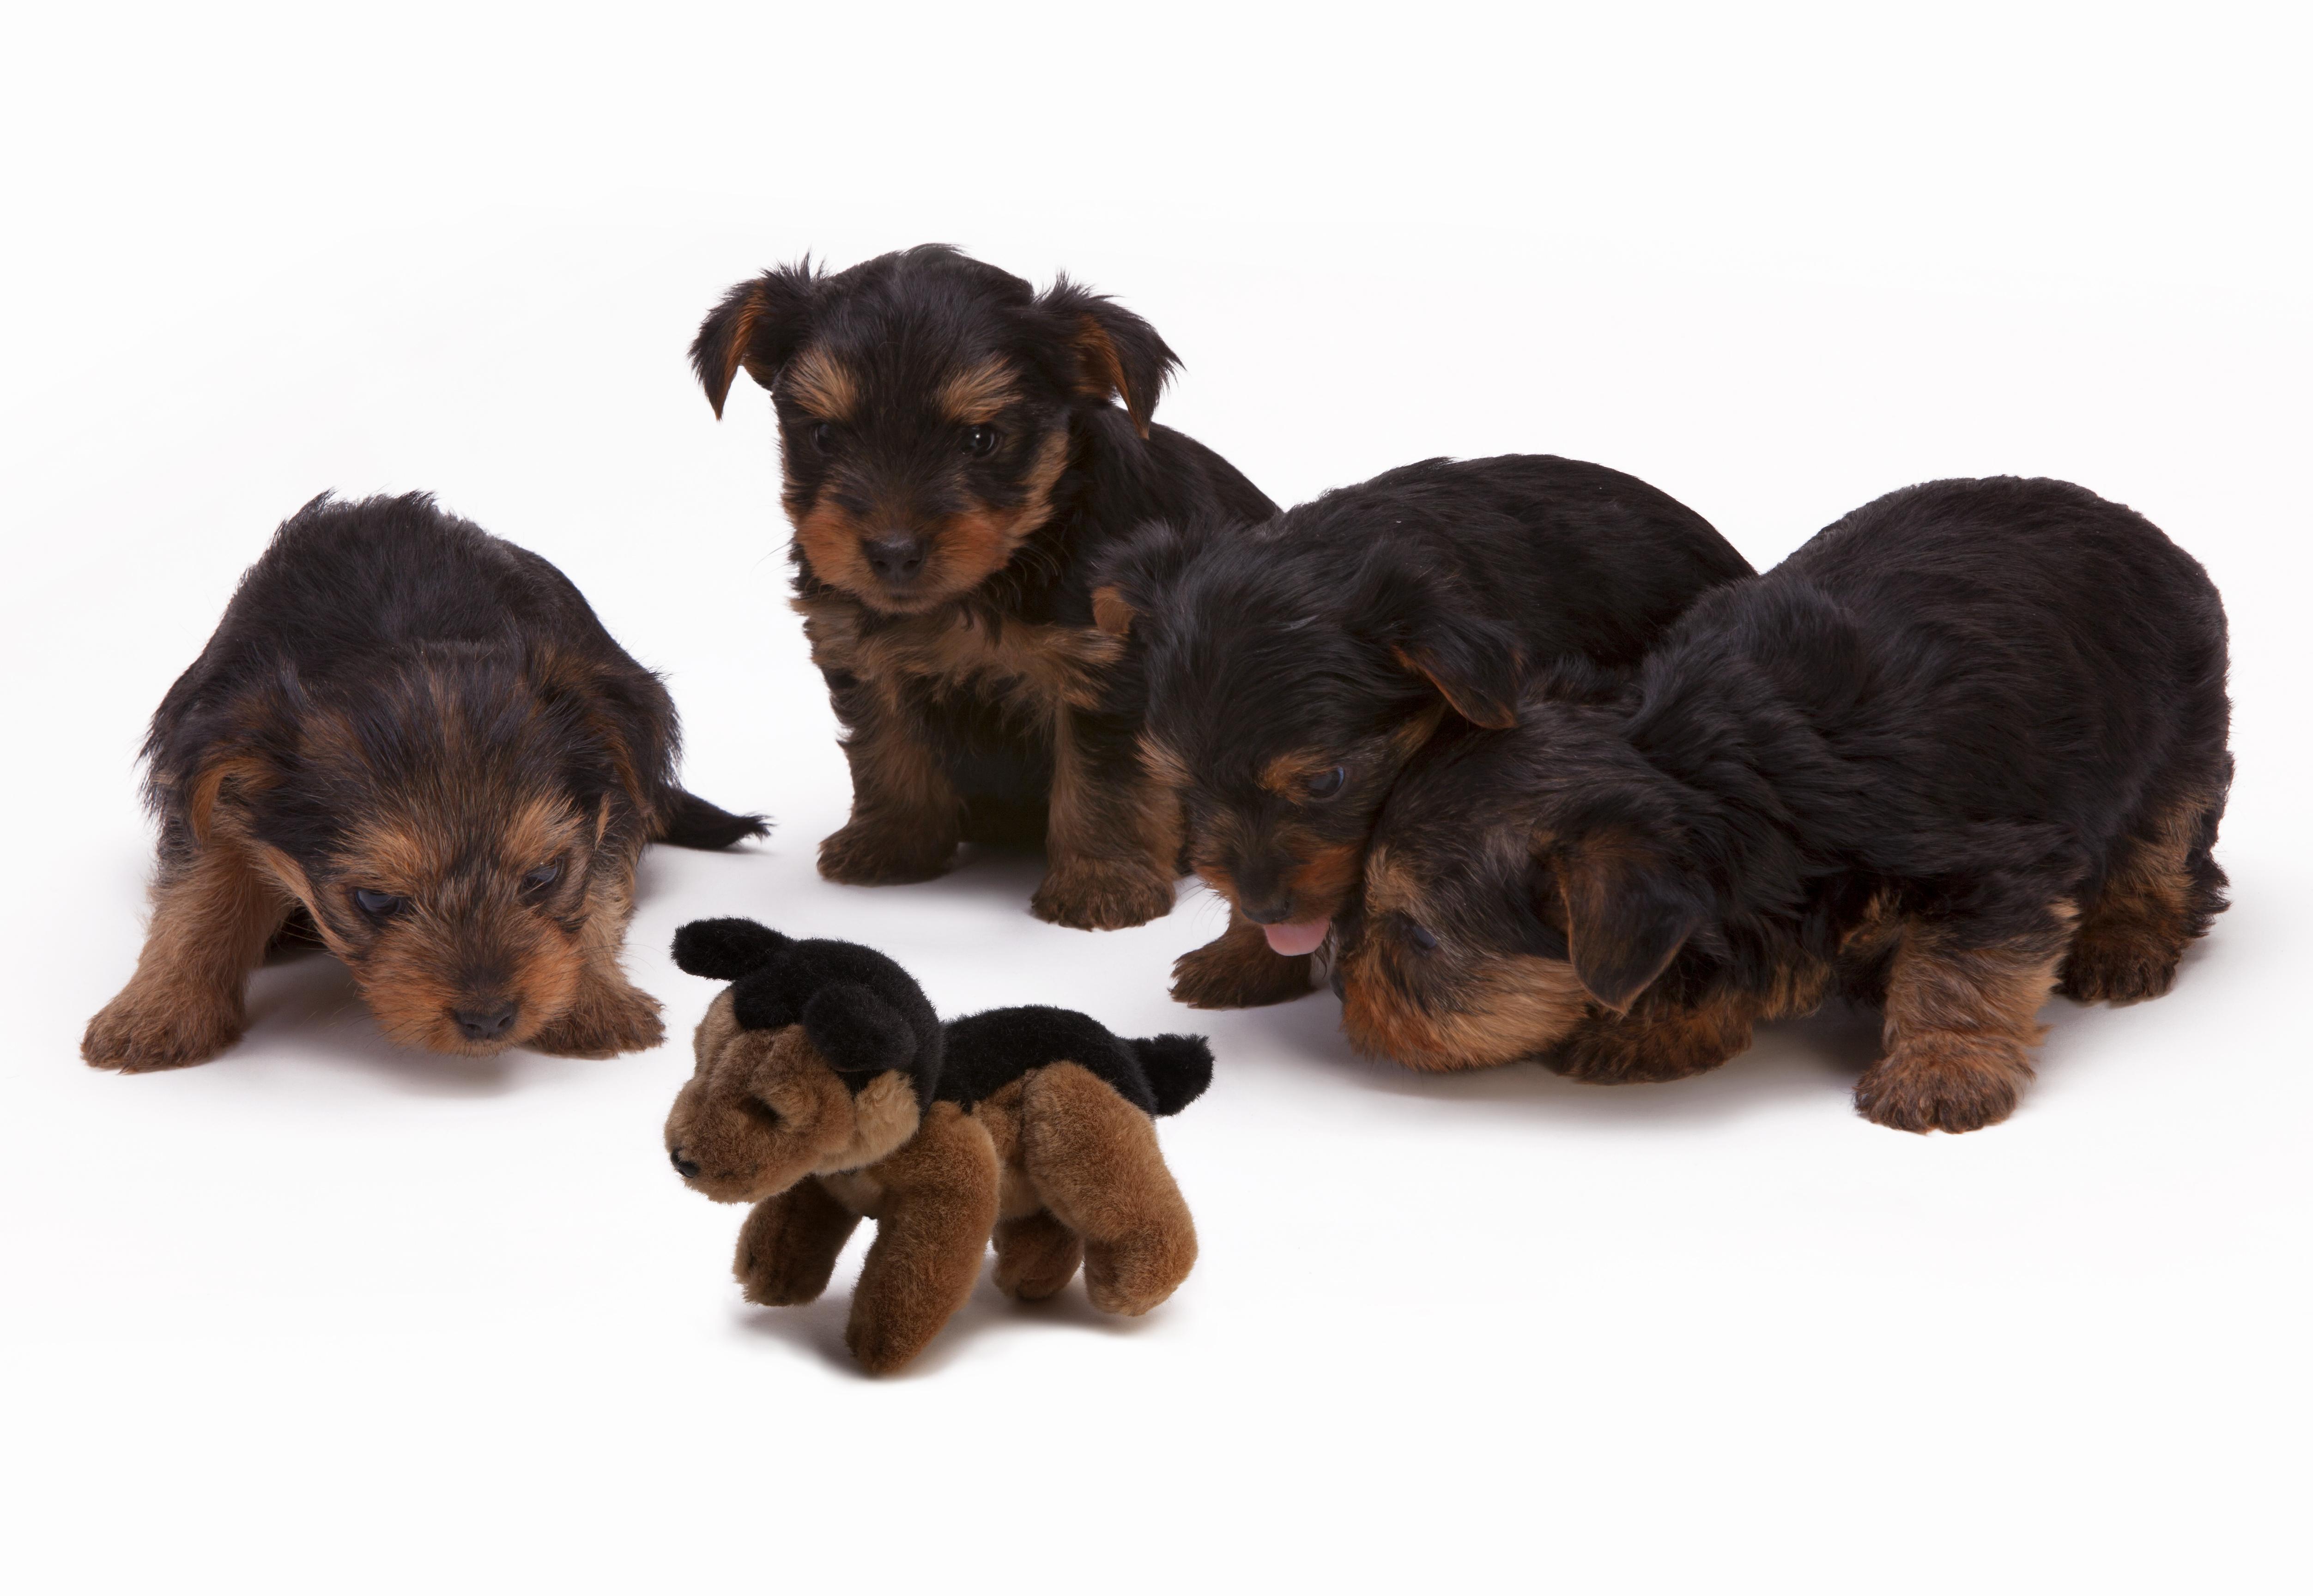 Fire dejlige hundehvalpe kigger nysgerrigt på en bamse-hundehvalp der ligner dem